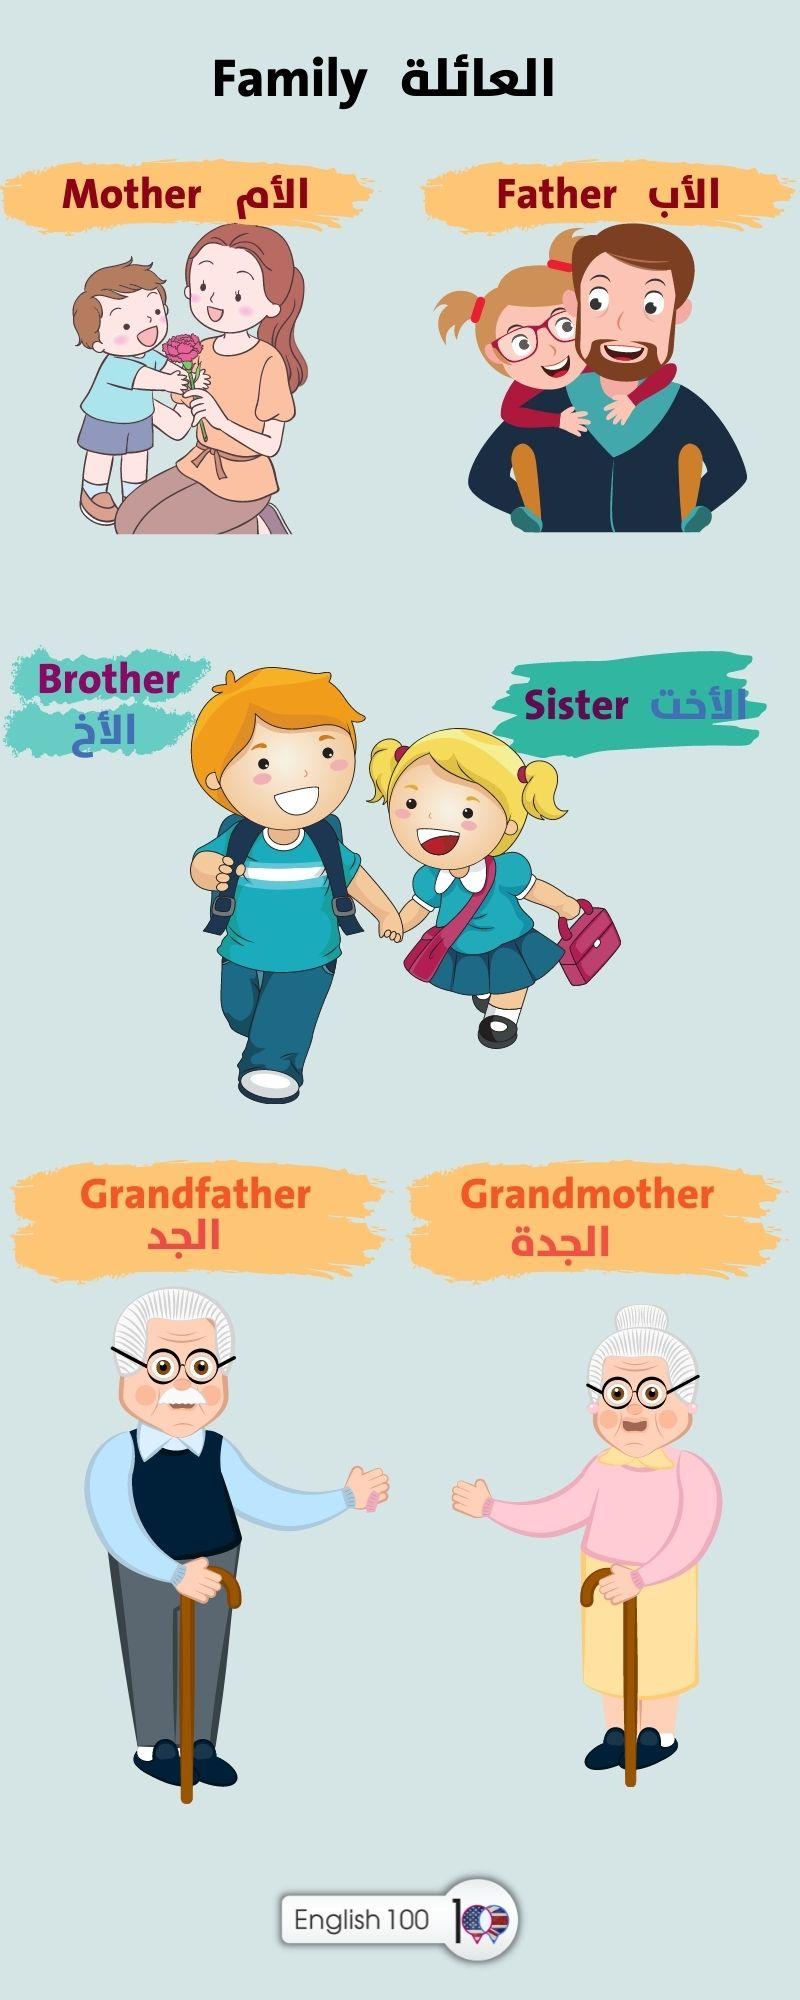 تعليم المحادثة باللغة الانجليزية للاطفال Learning English Conversation for Kids